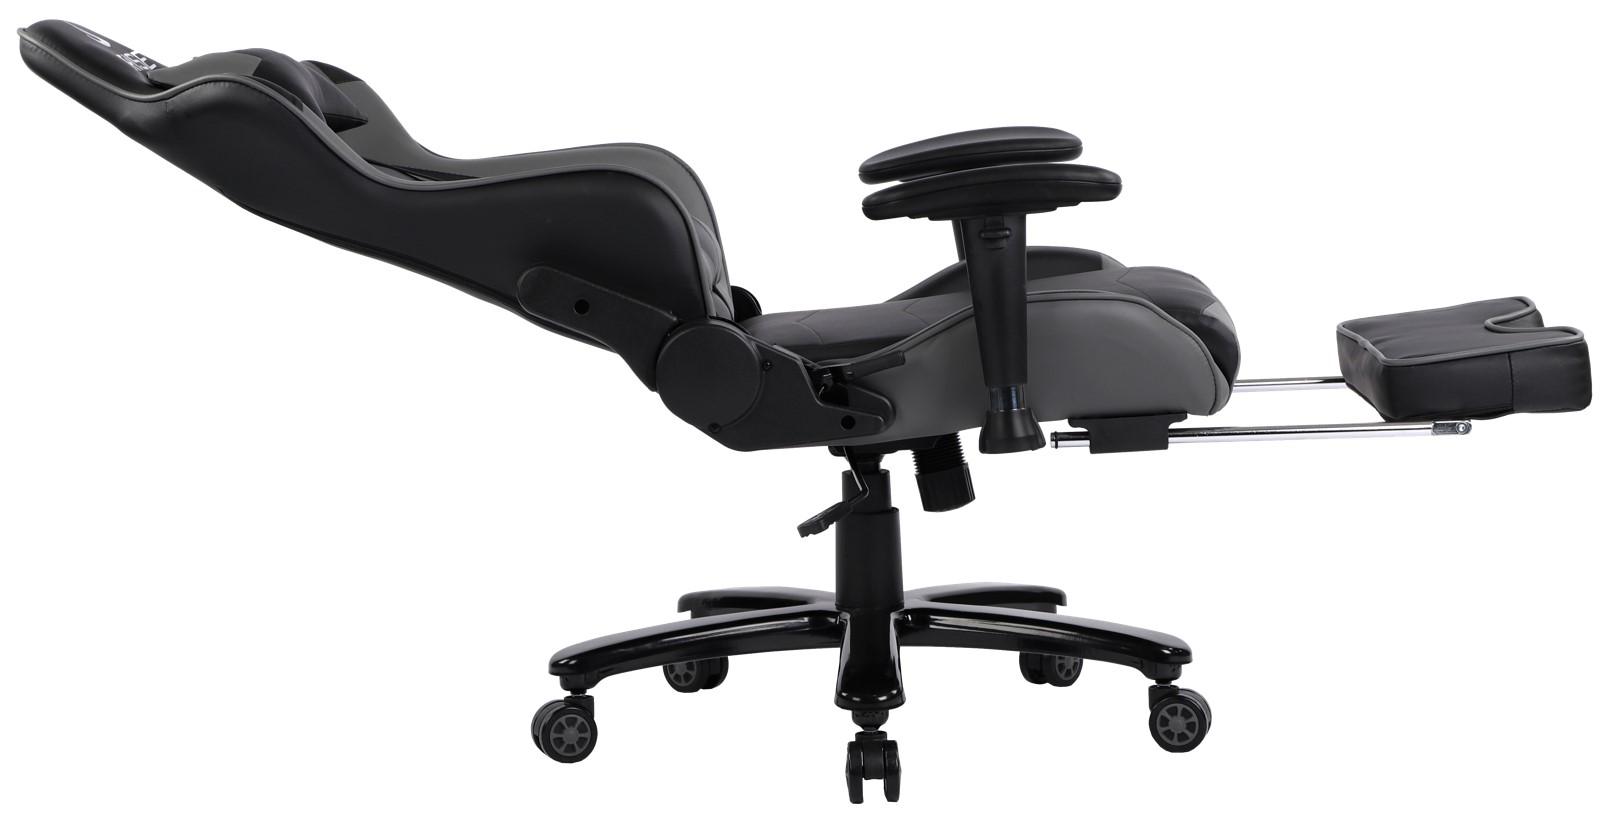 Cadeira Gamer Rise Mode A1 Preto e Cinza Com Massageador